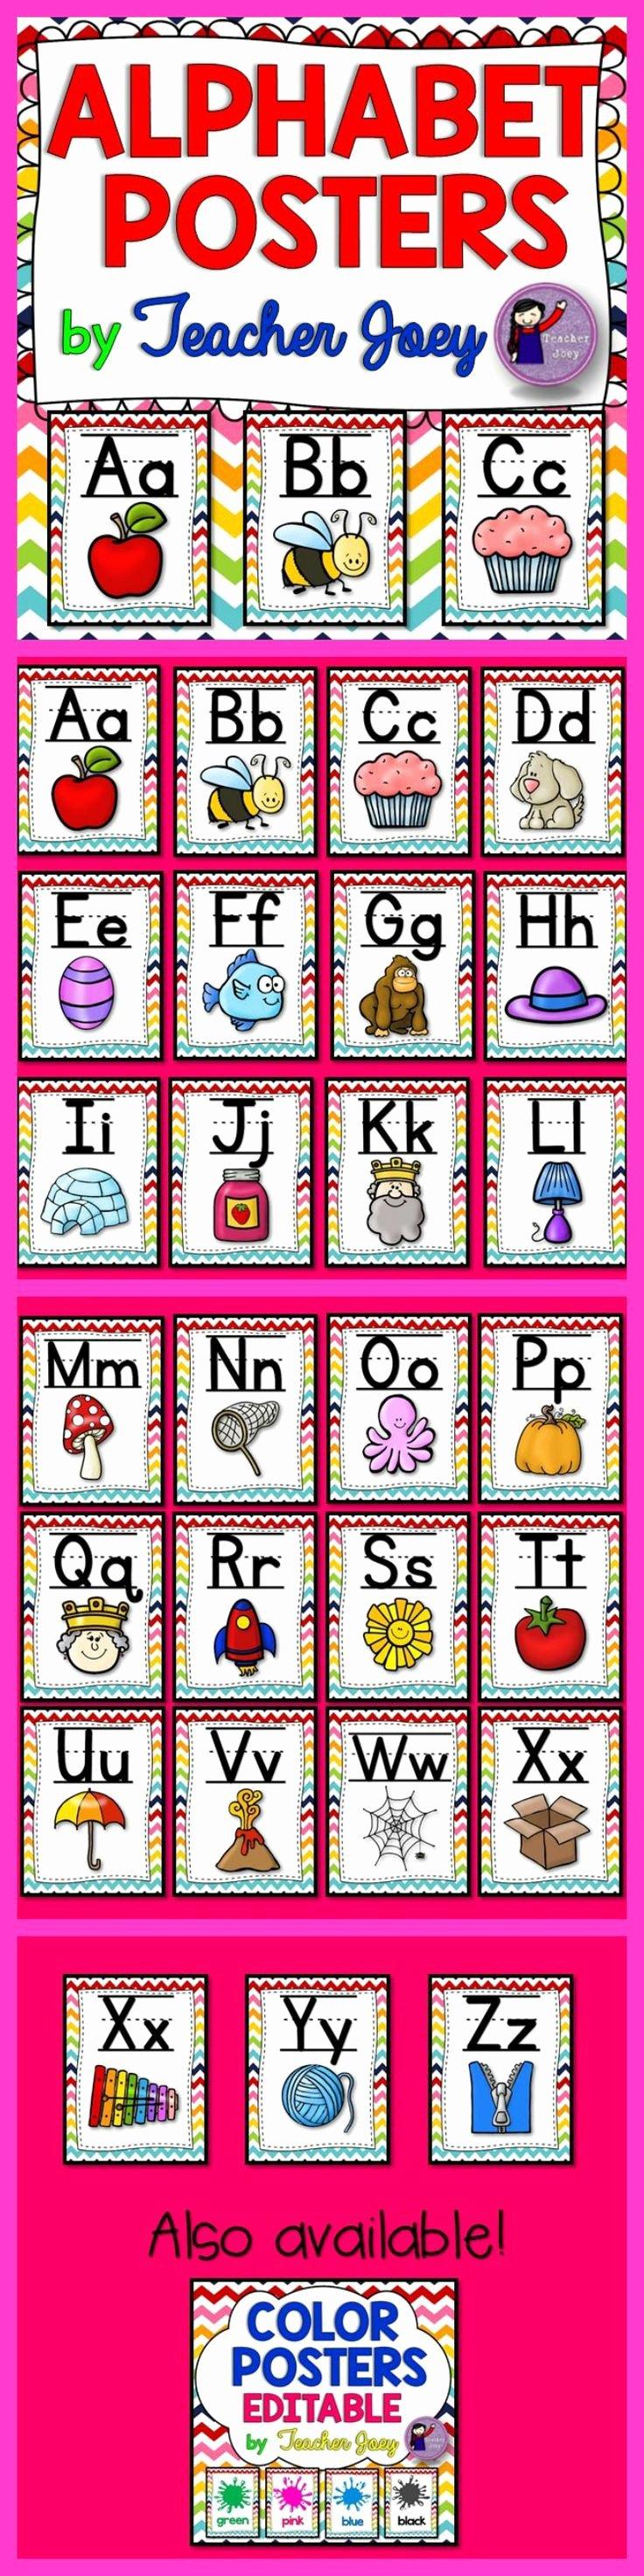 Alphabet Poster for Classroom Fresh Alphabet Posters Alphabets